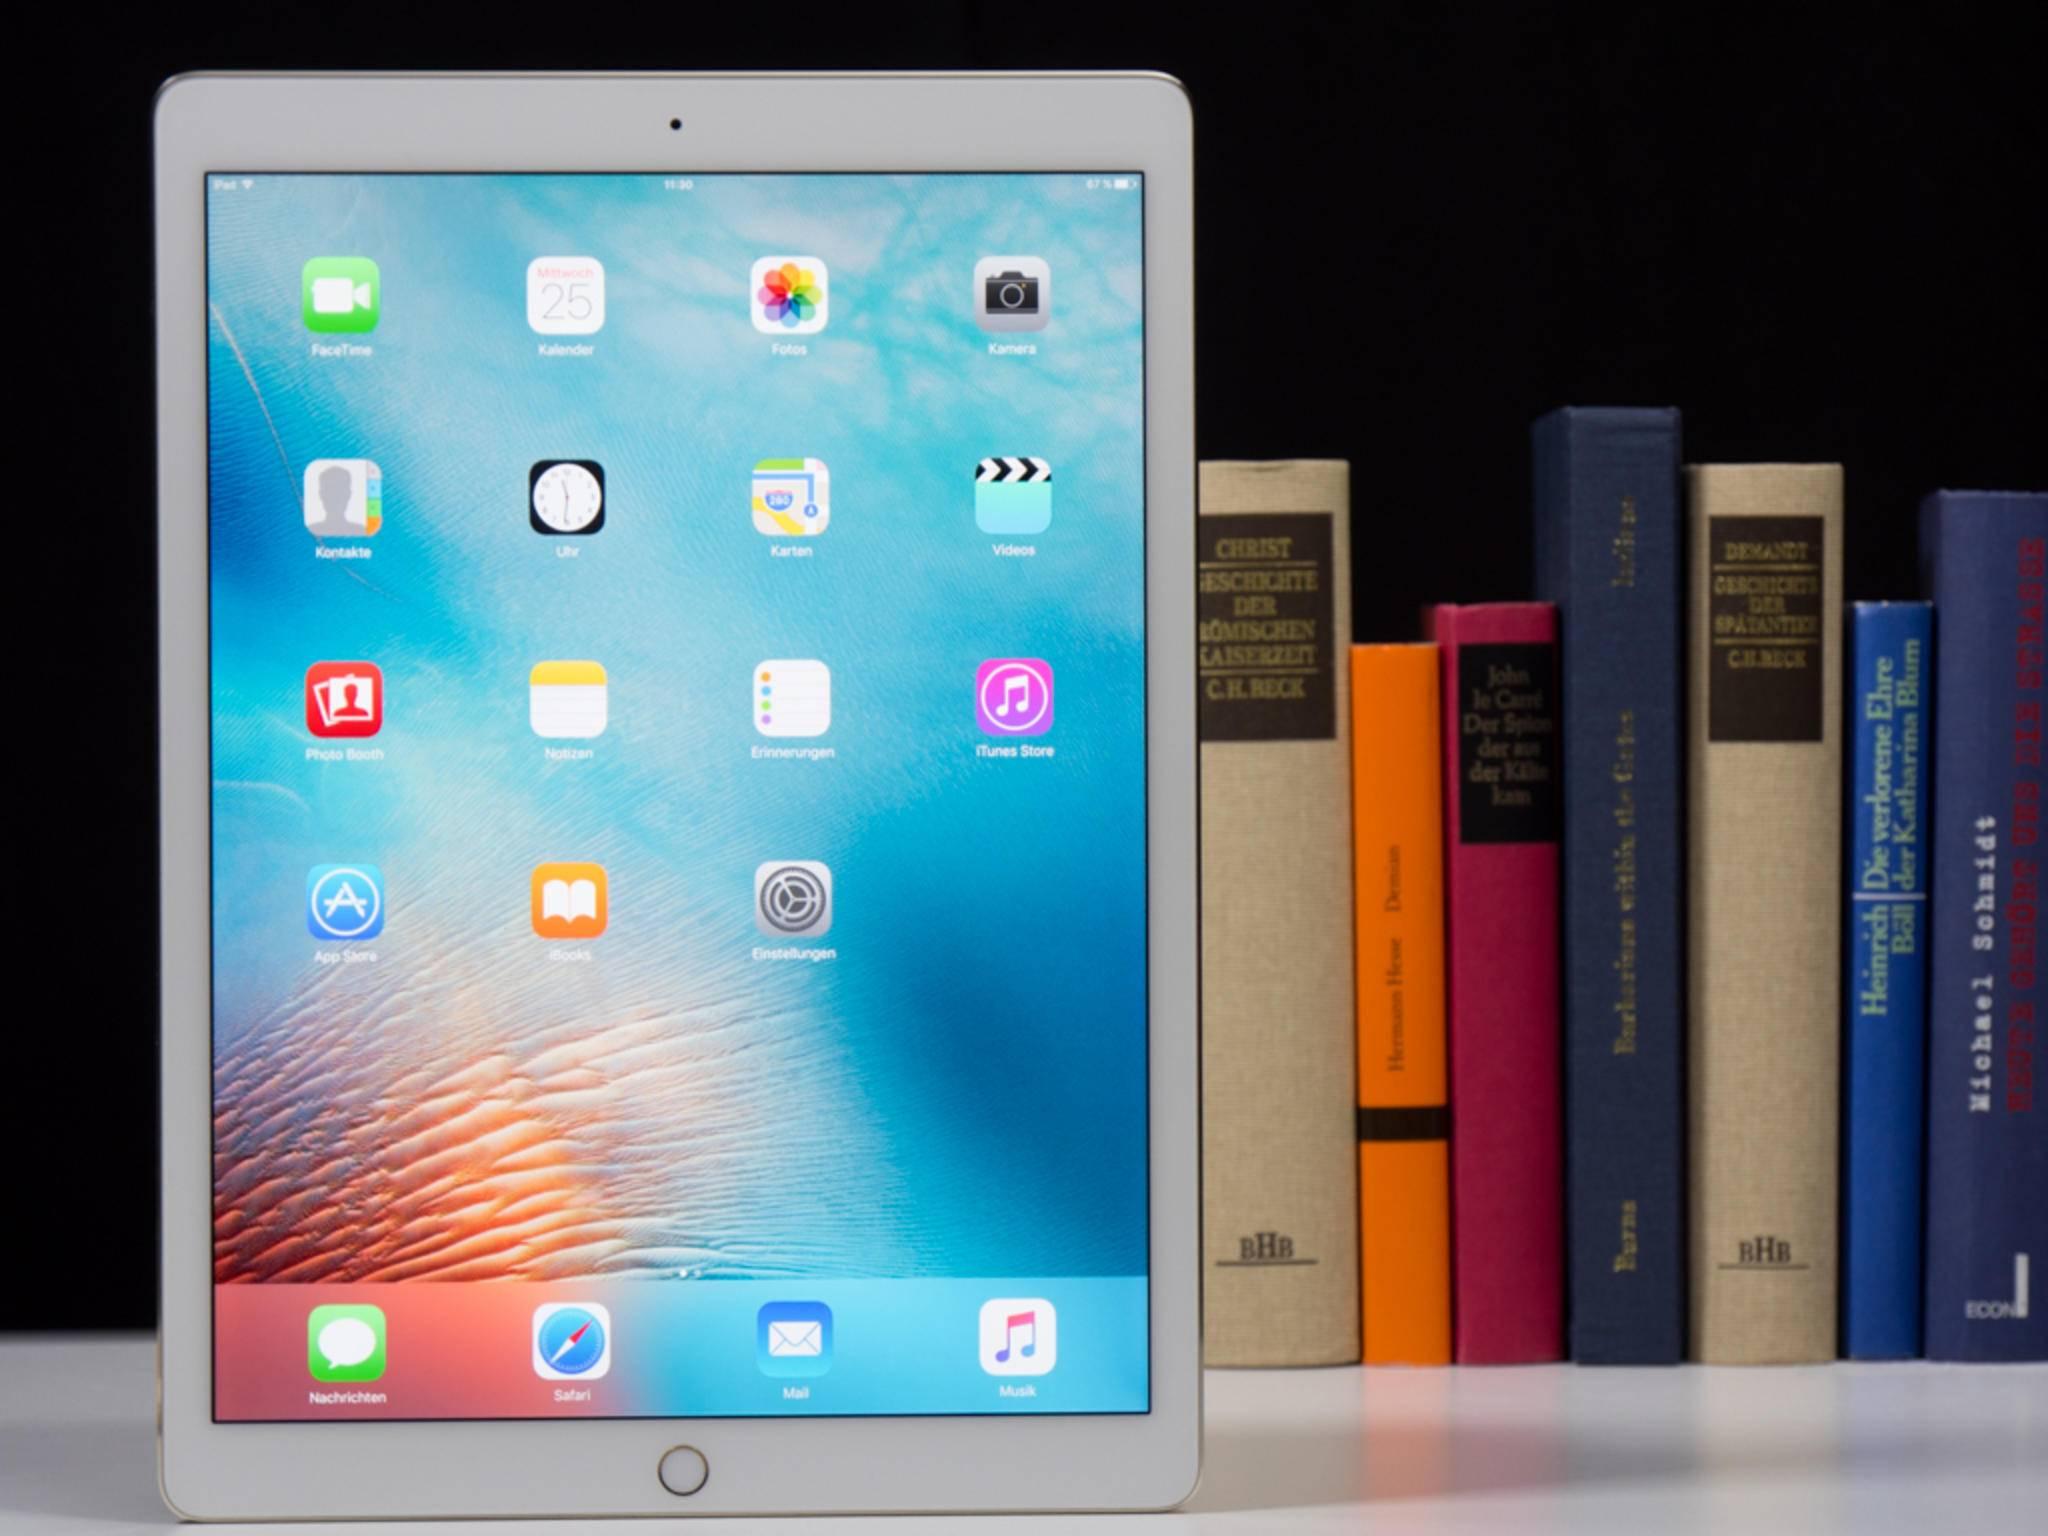 Mit 713 Gramm ist das Gerät leichter als ein Laptop, aber alles andere als ein Leichtgewicht.